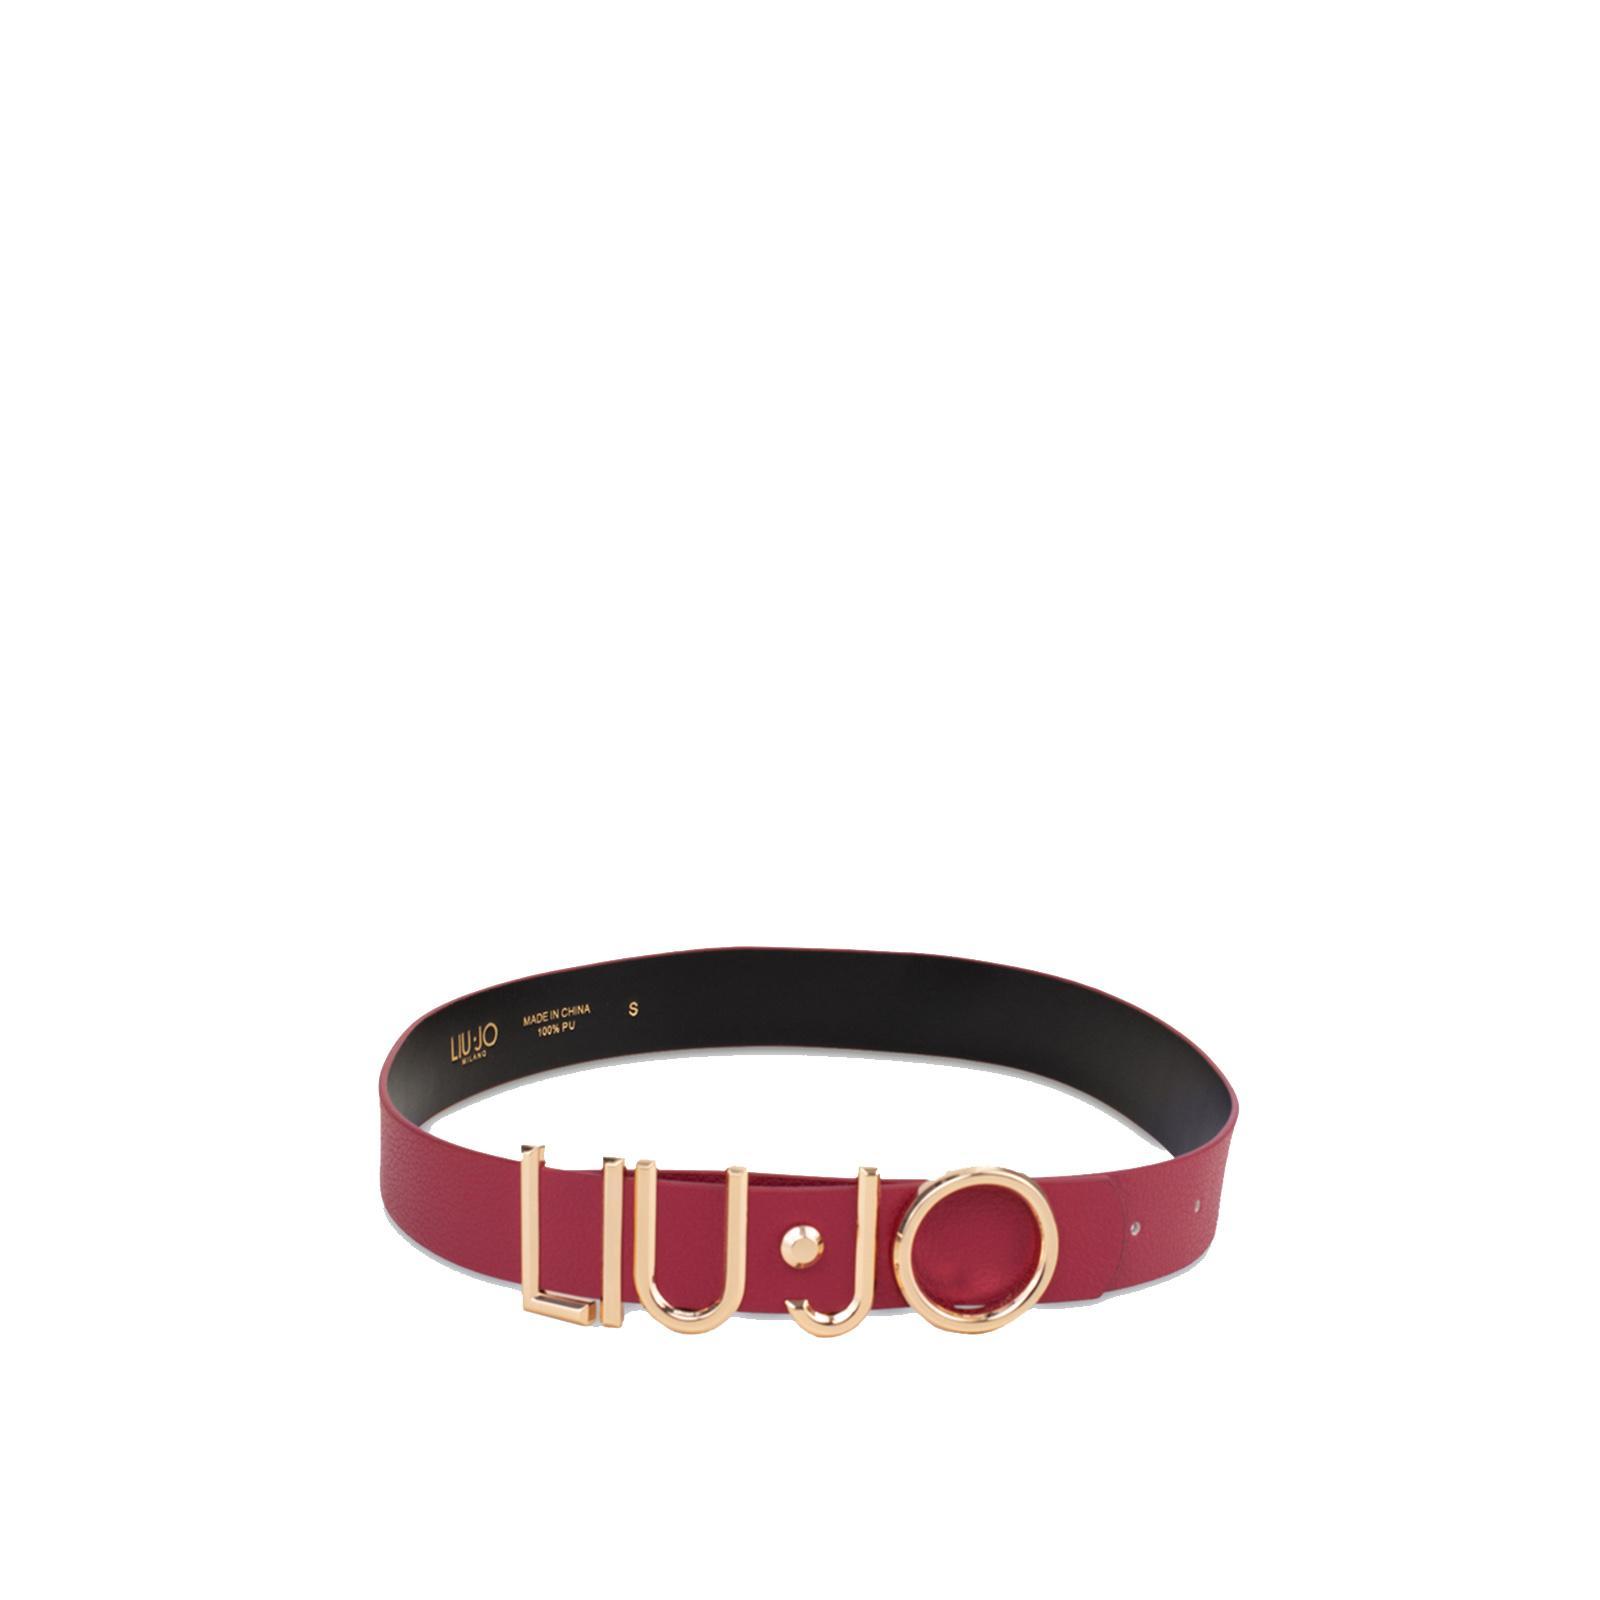 Liu Jo Cinta con logo - 1